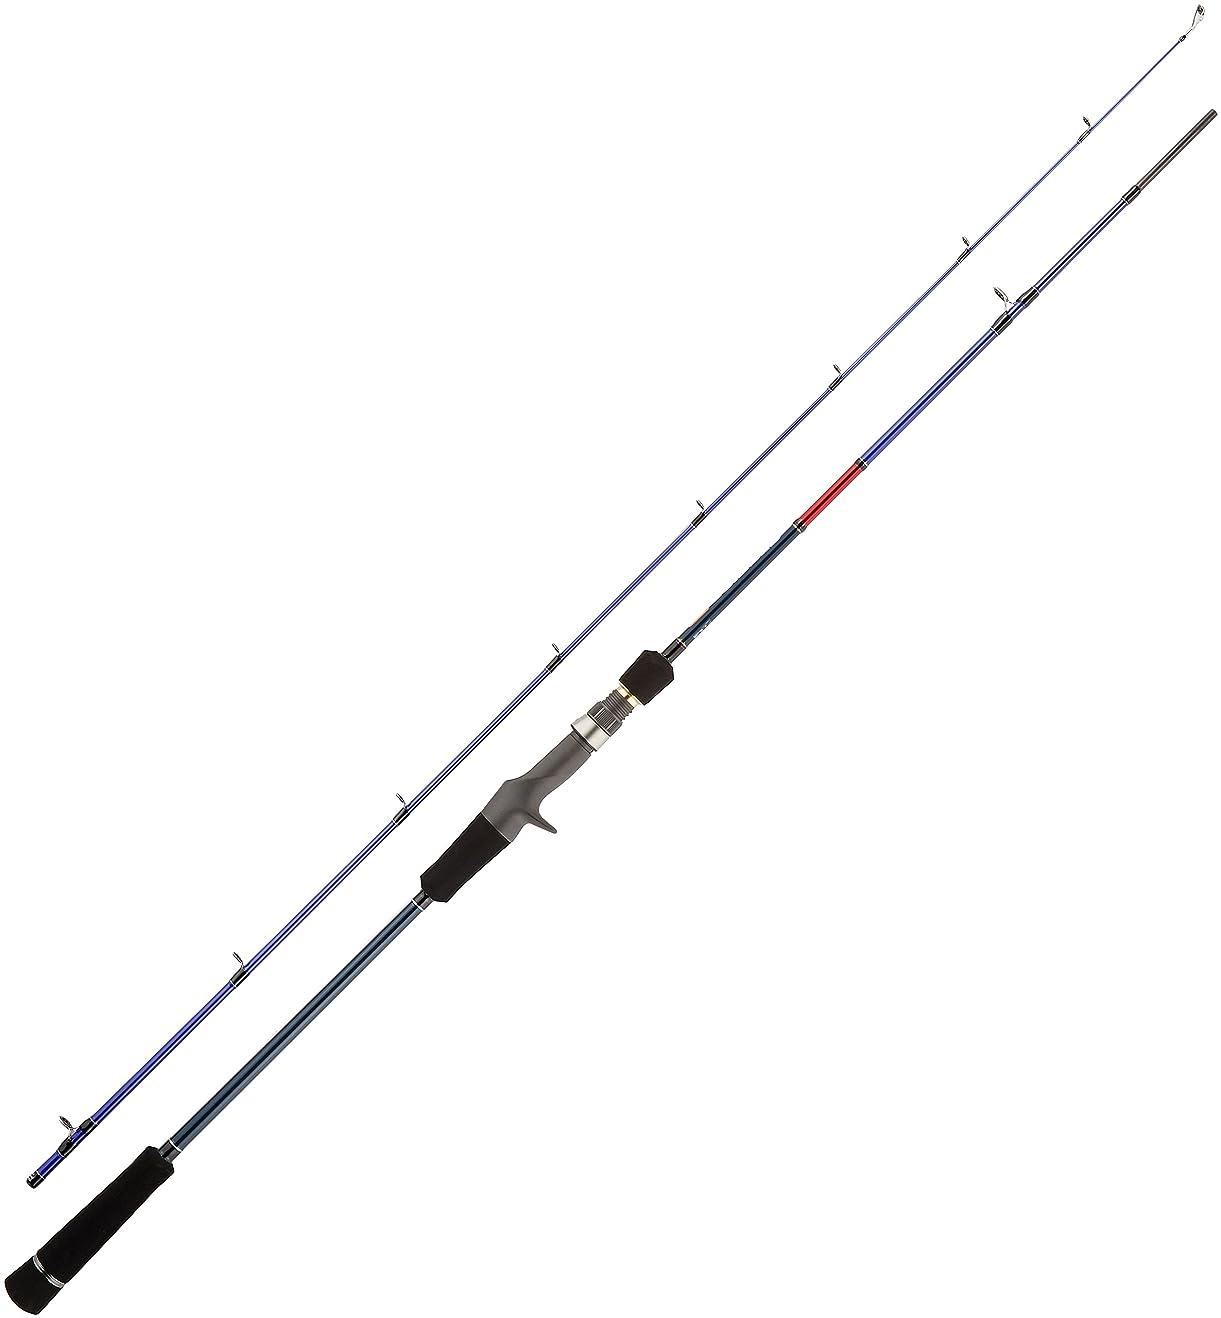 ピン松明戻すメジャークラフト タイラバロッド ベイト ソルパラ 鯛ラバ チューブラー2ピースモデル SPJ-B682MHTR 釣り竿